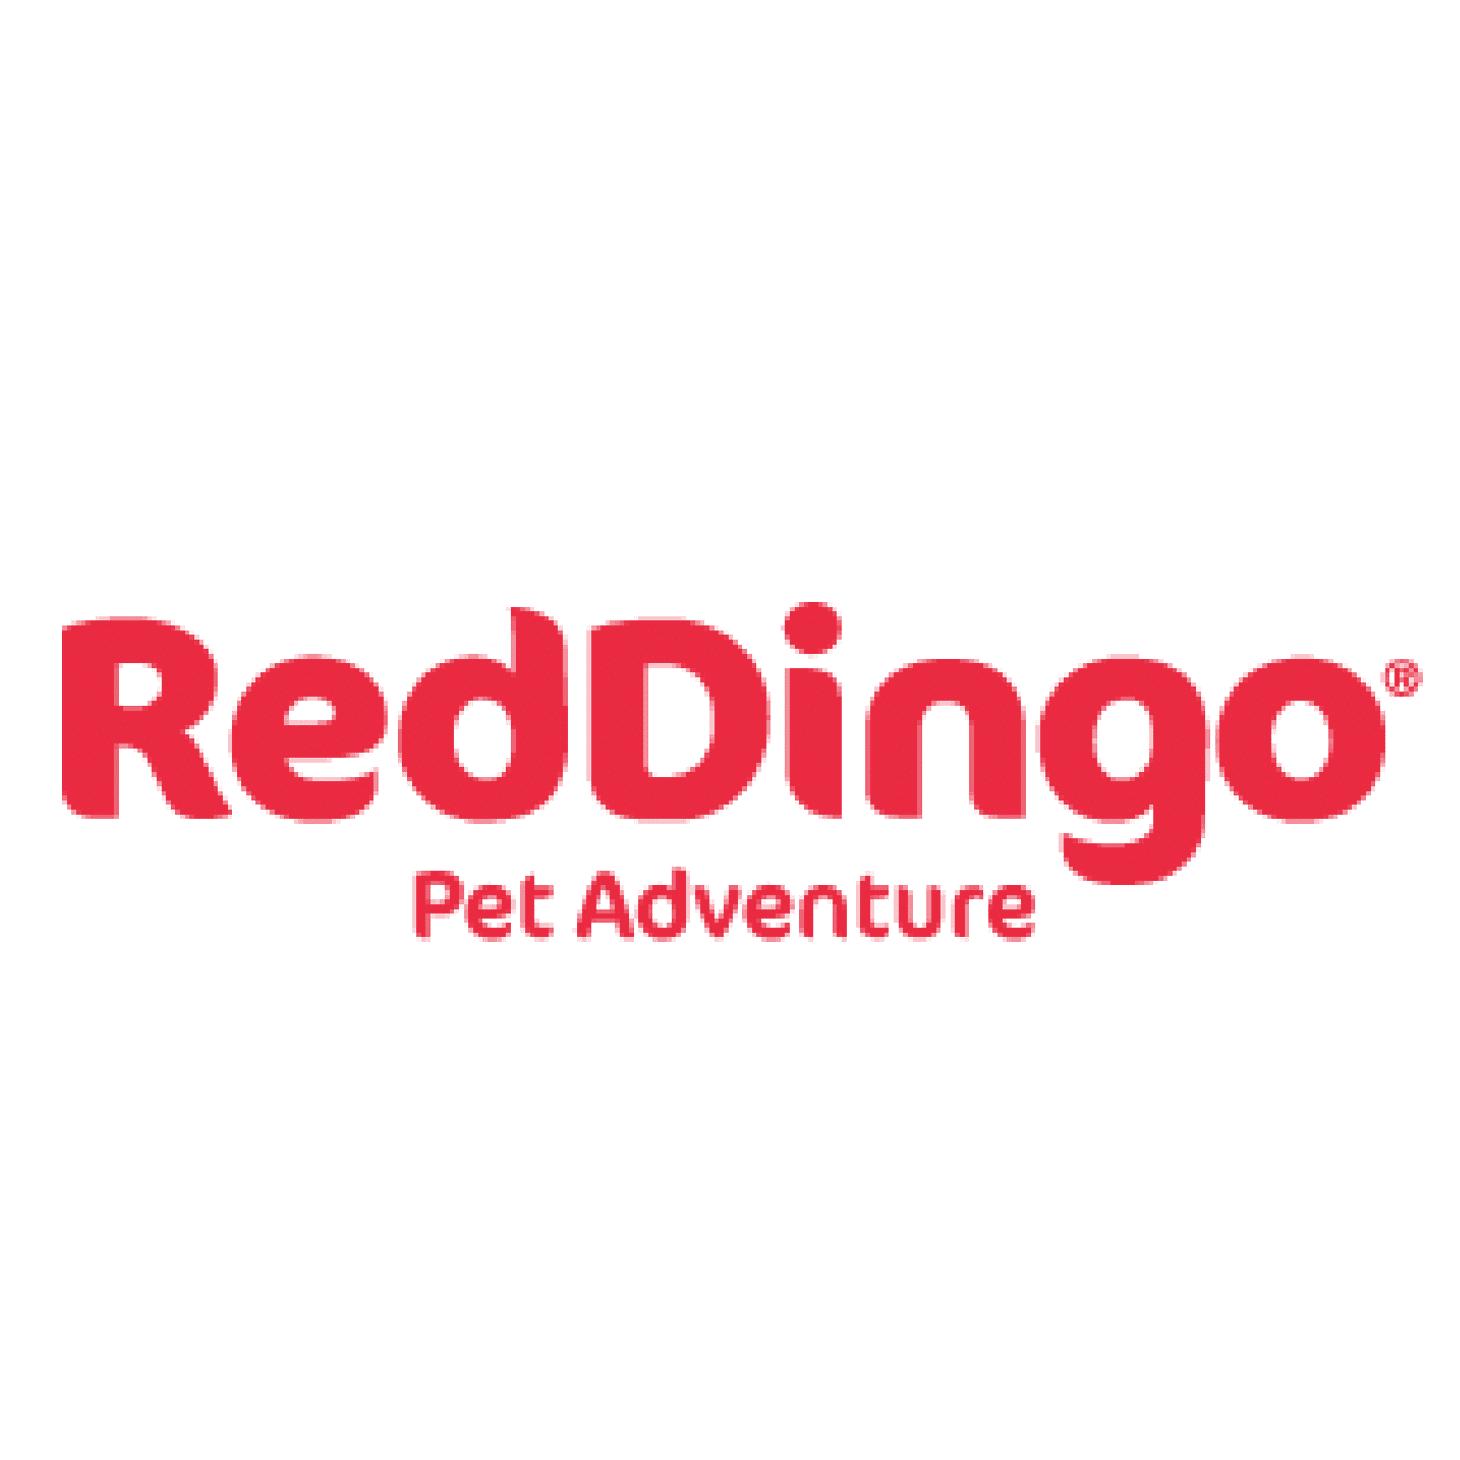 RedDingo